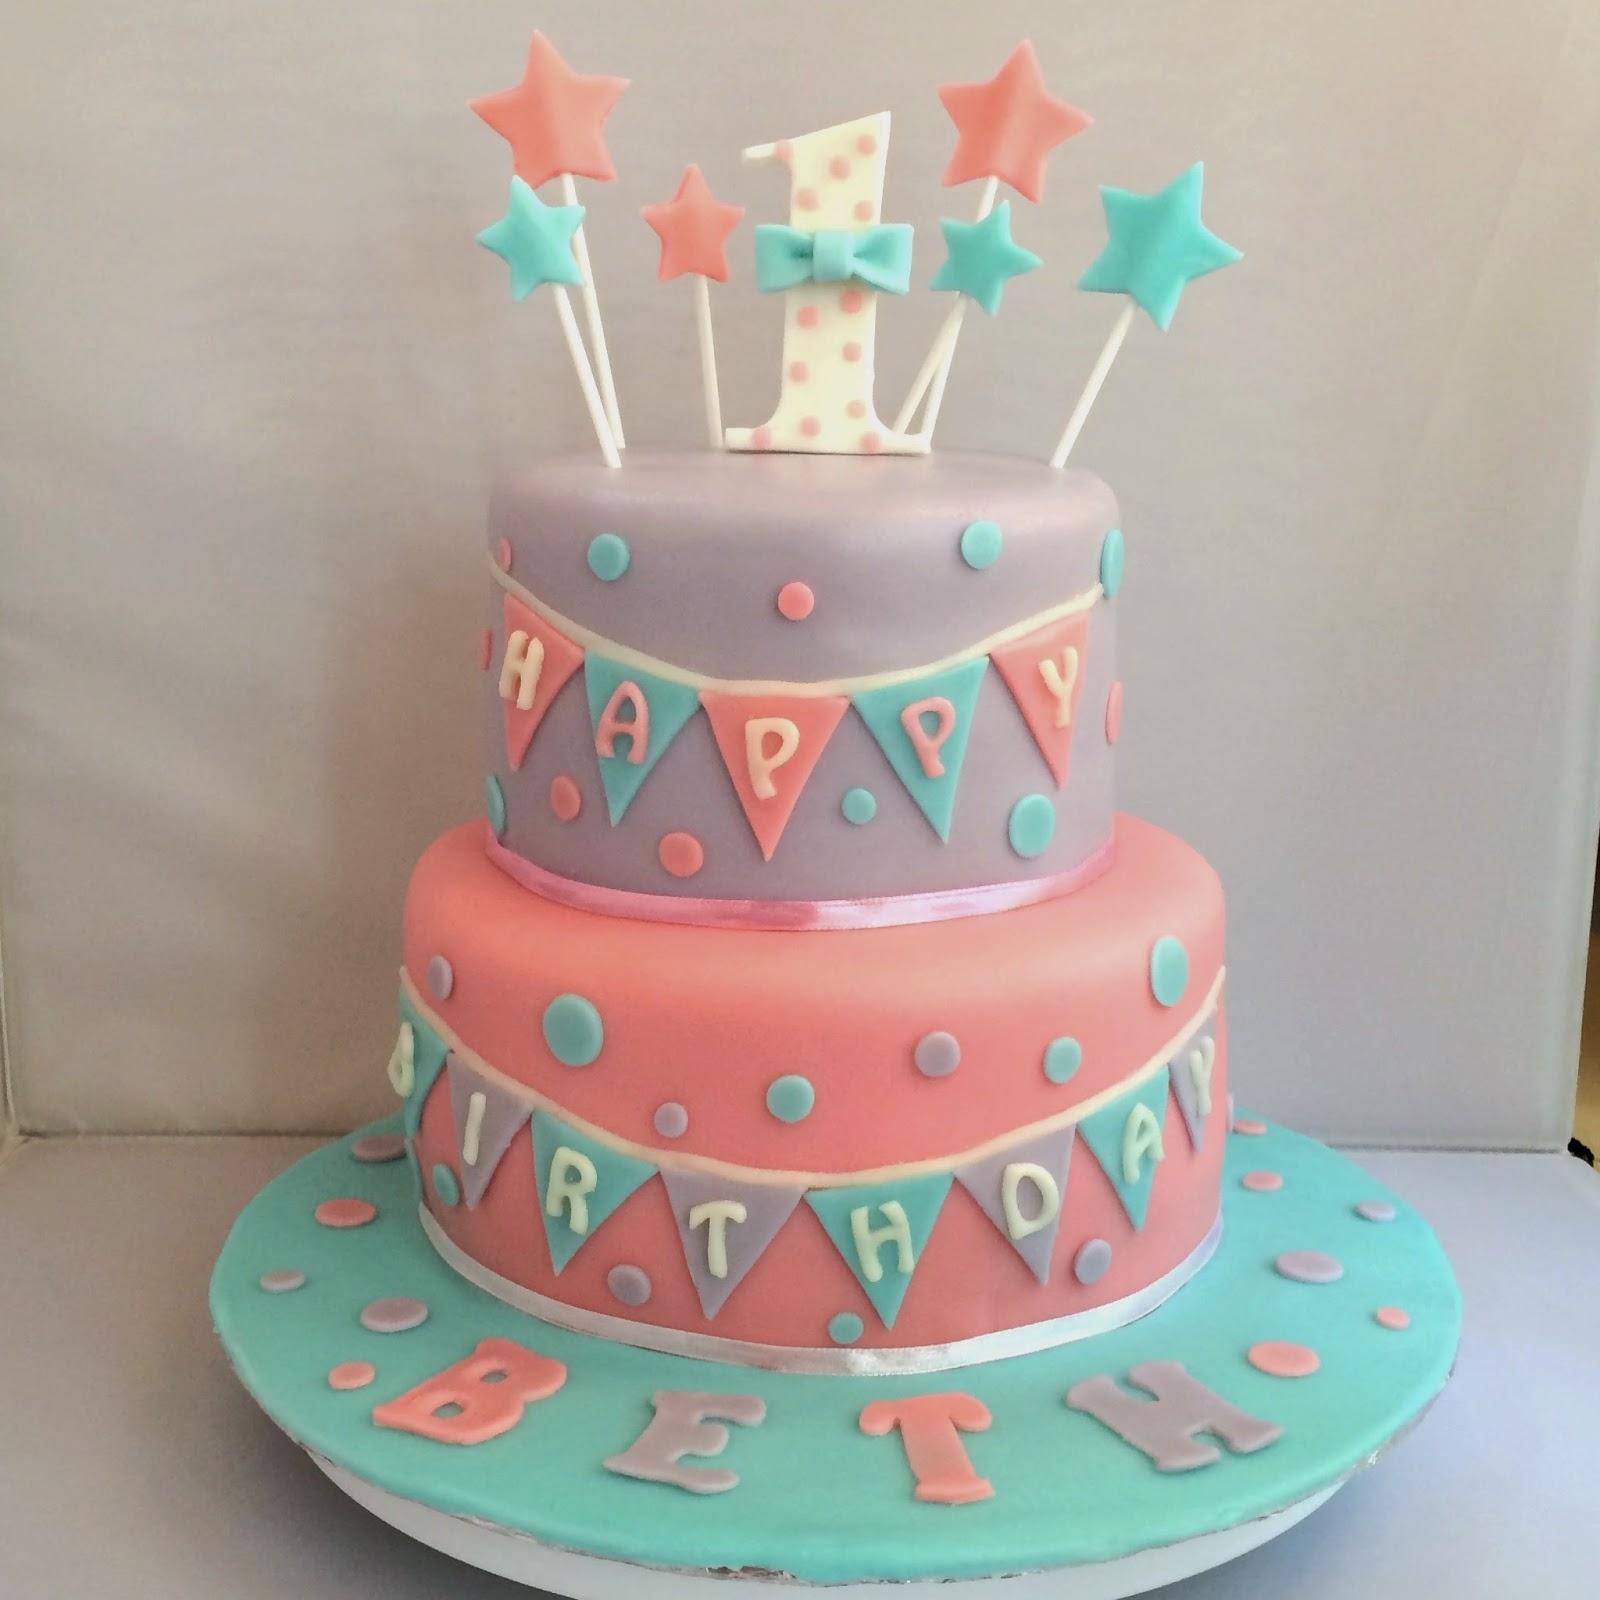 Buy Dog Birthday Cake Sydney